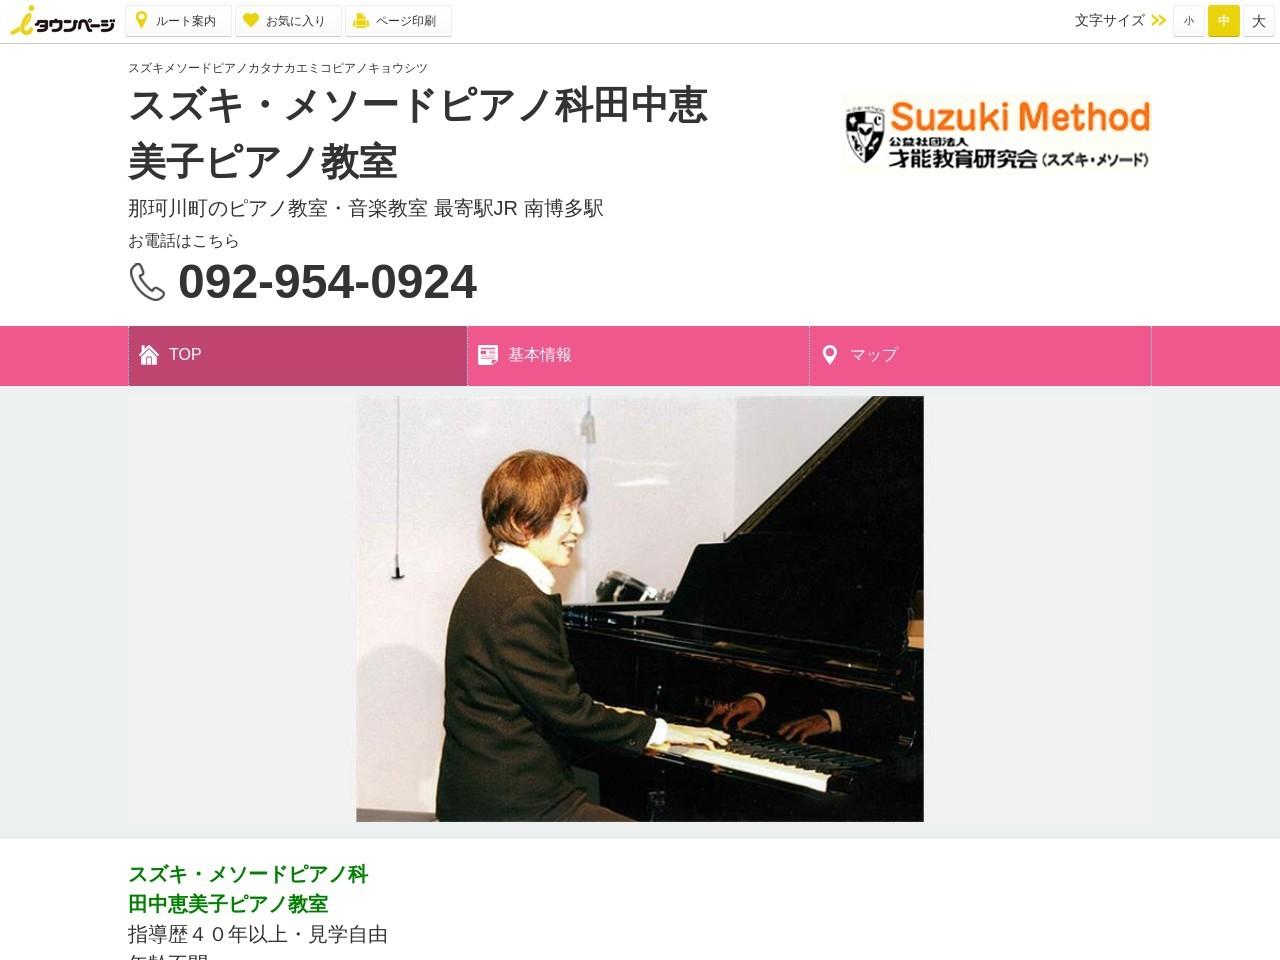 スズキ・メソードピアノ科田中恵美子ピアノ教室のサムネイル